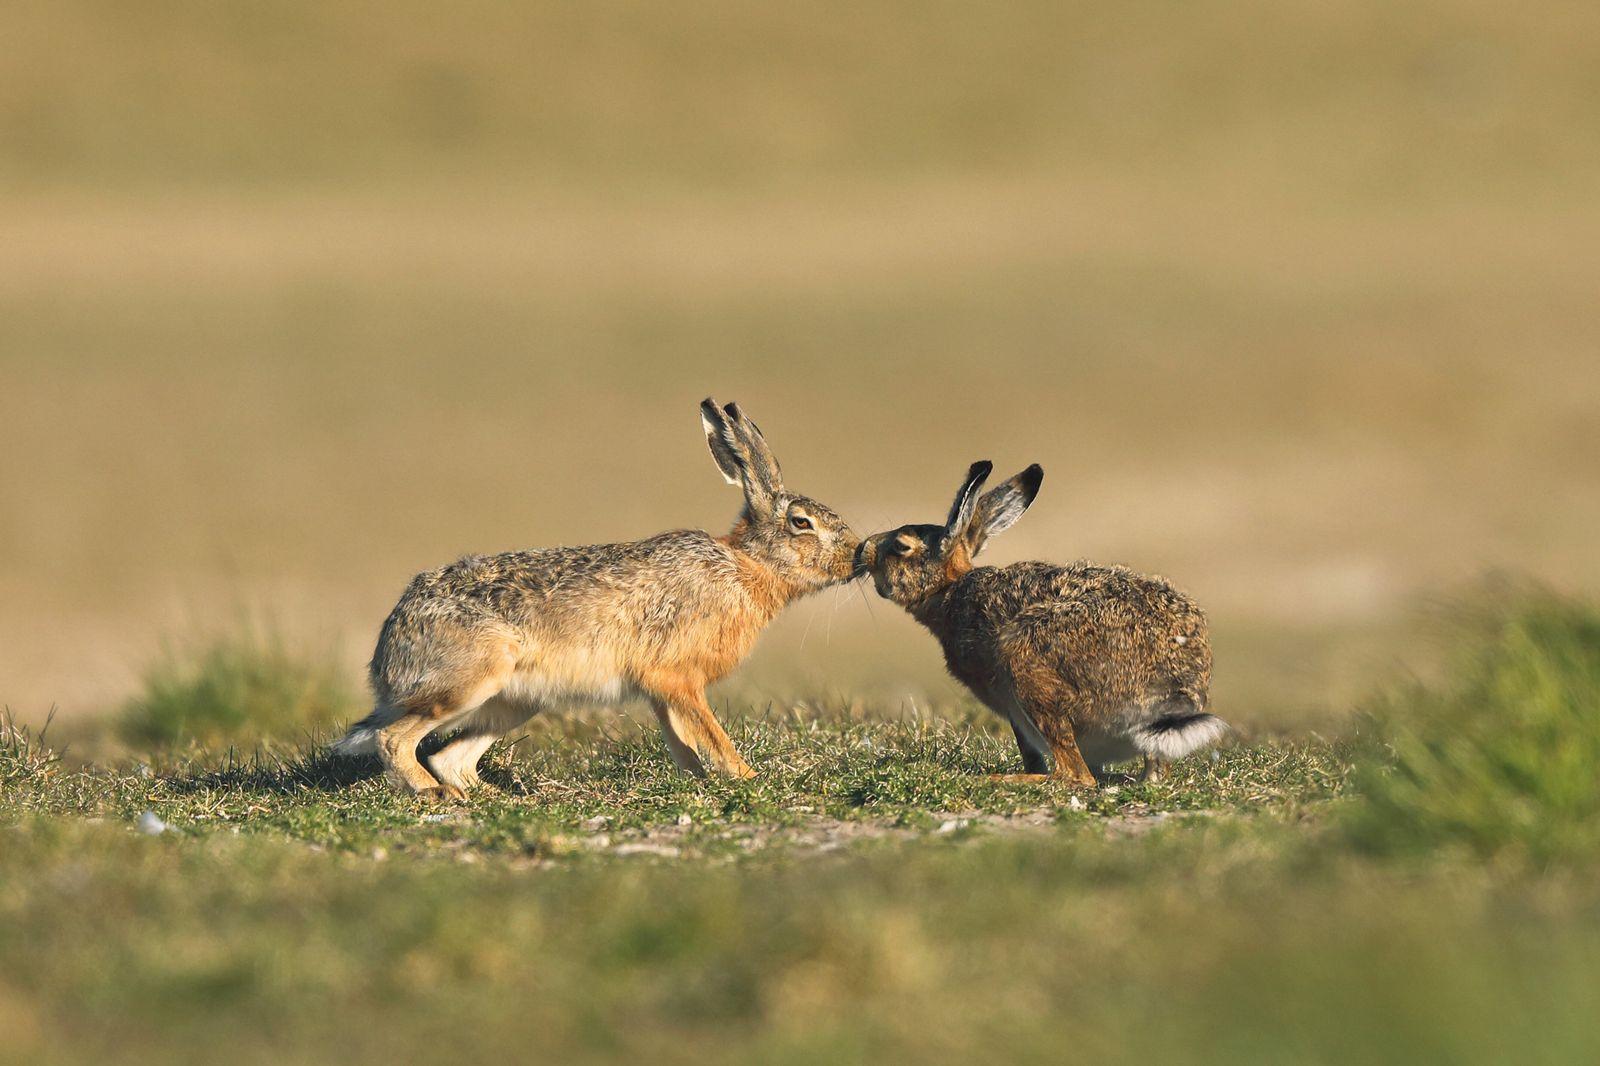 Europaeischer Hase, Europaeischer Feldhase (Lepus europaeus), Hasenhochzeit, Maennchen kuesst Weibchen, Niederlande, Fri